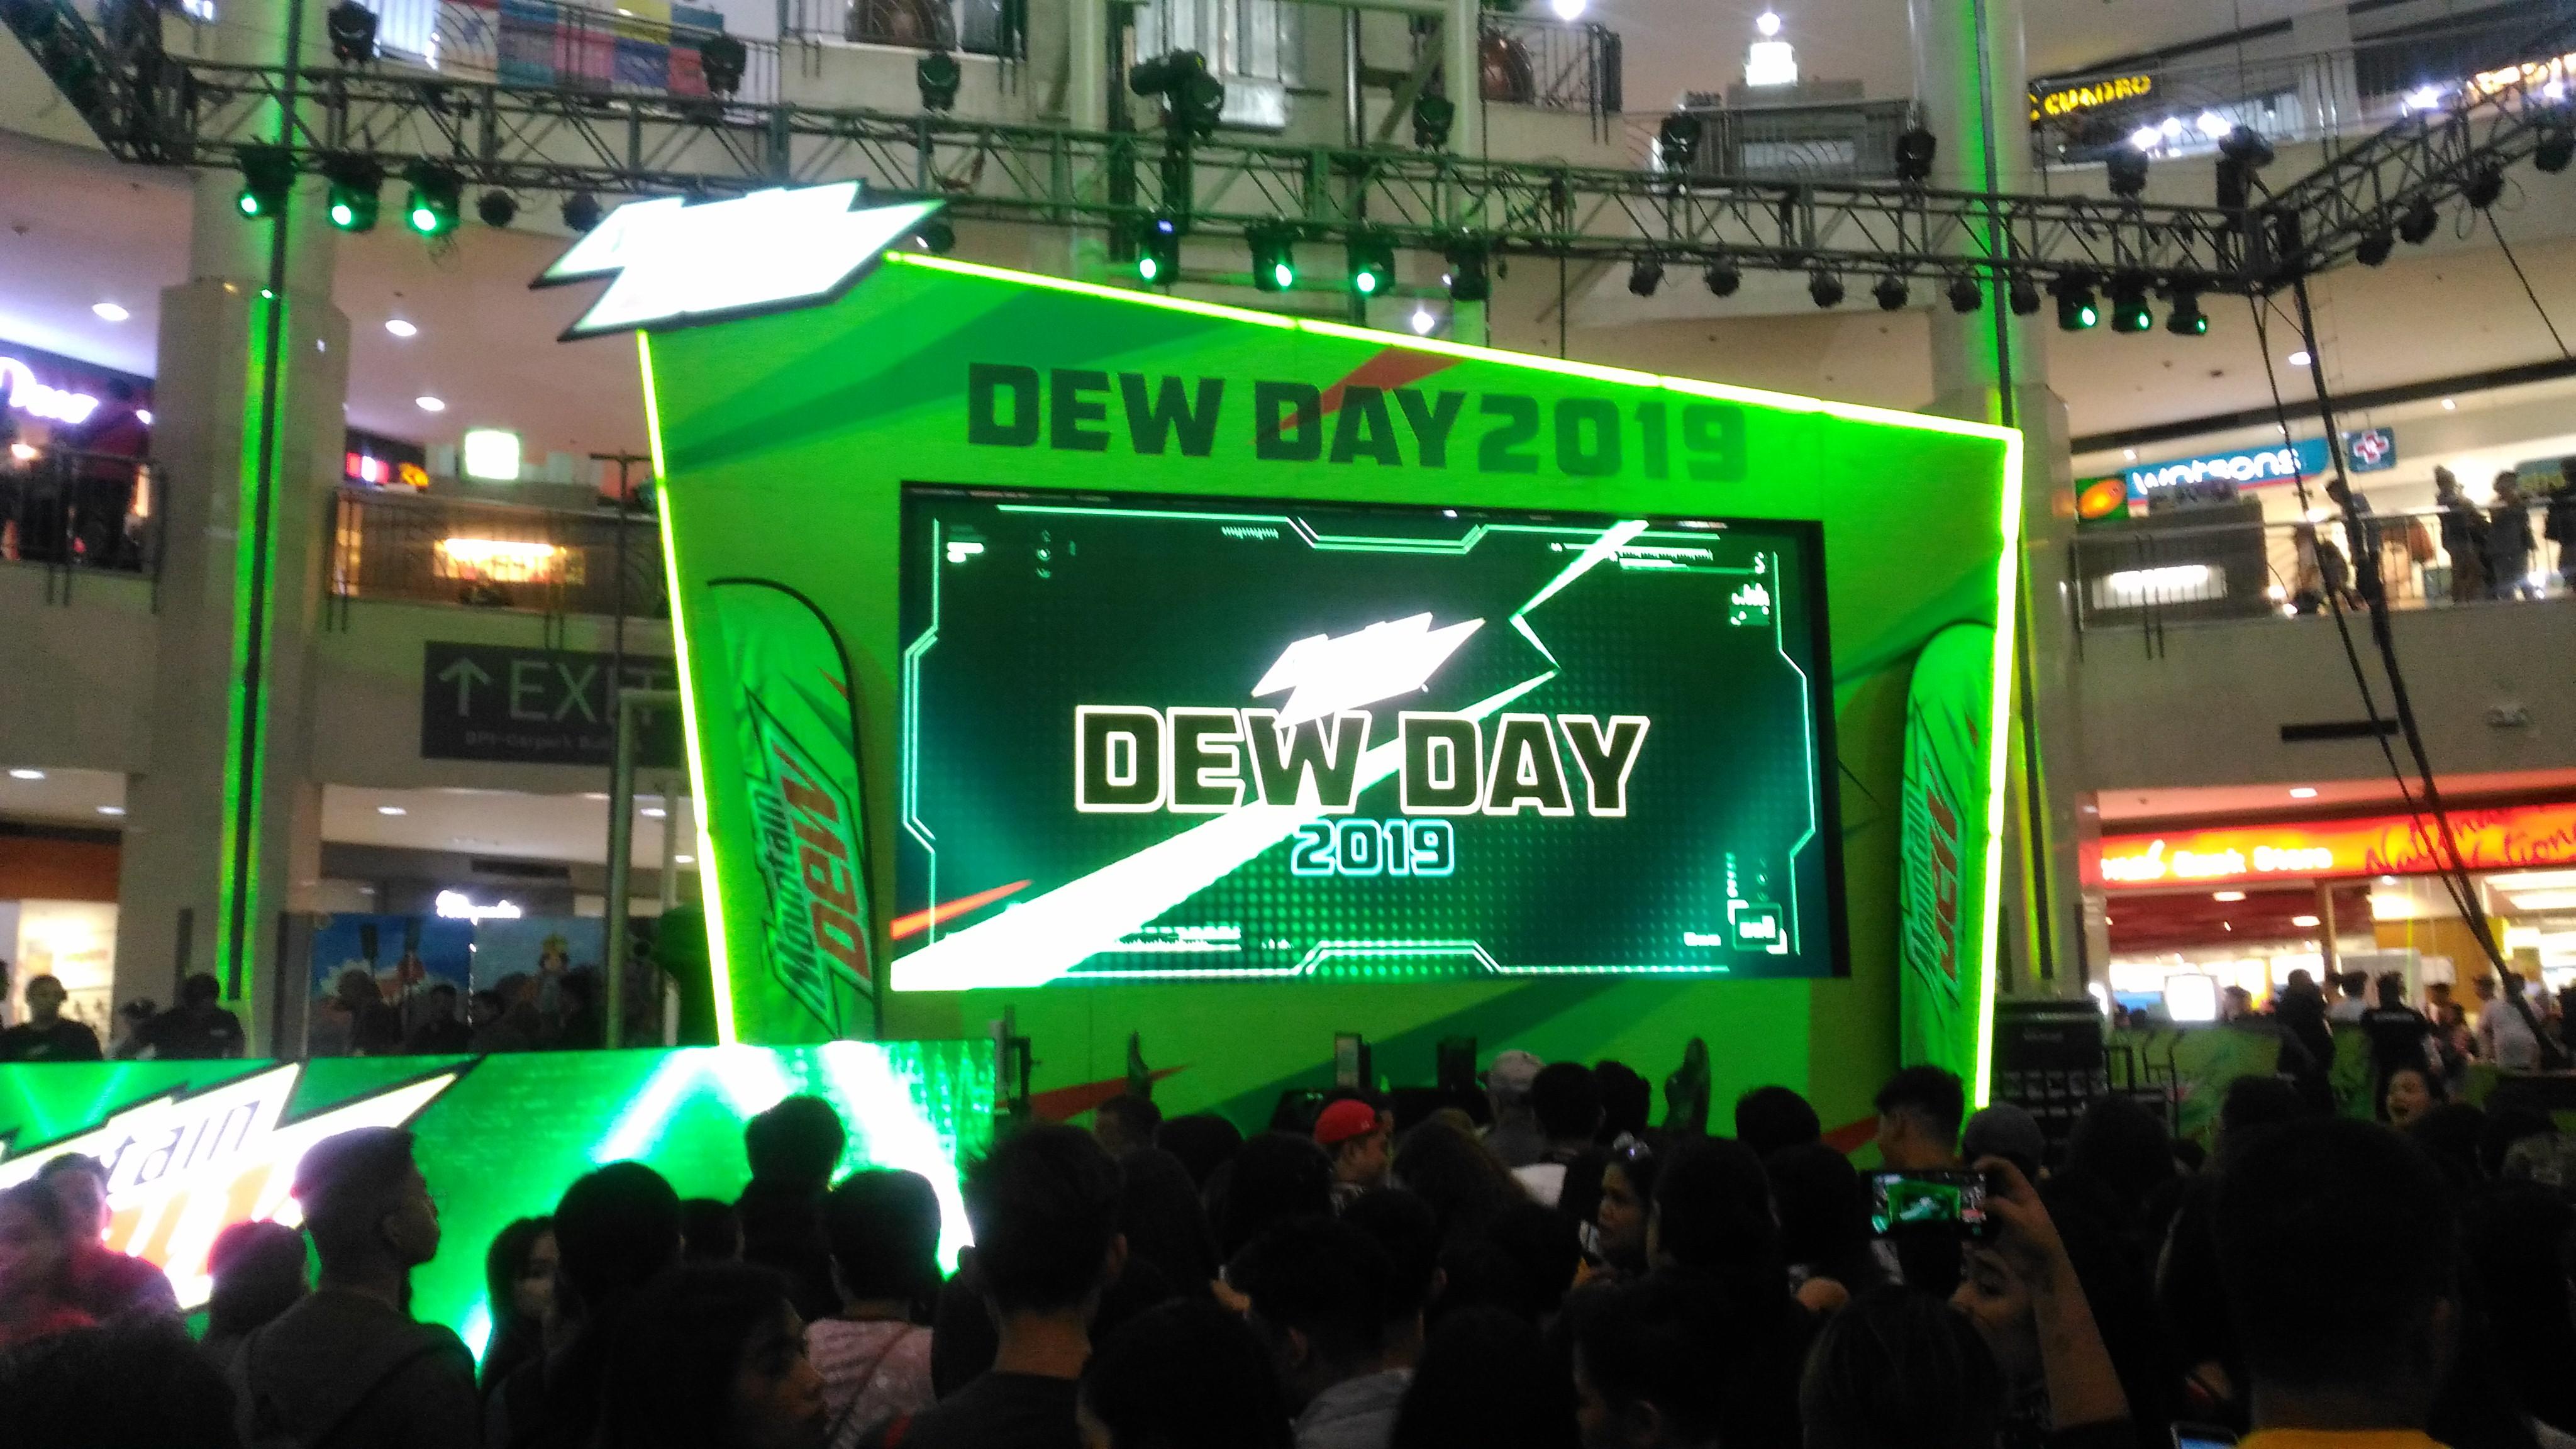 Dew Day 2019 #DewDay